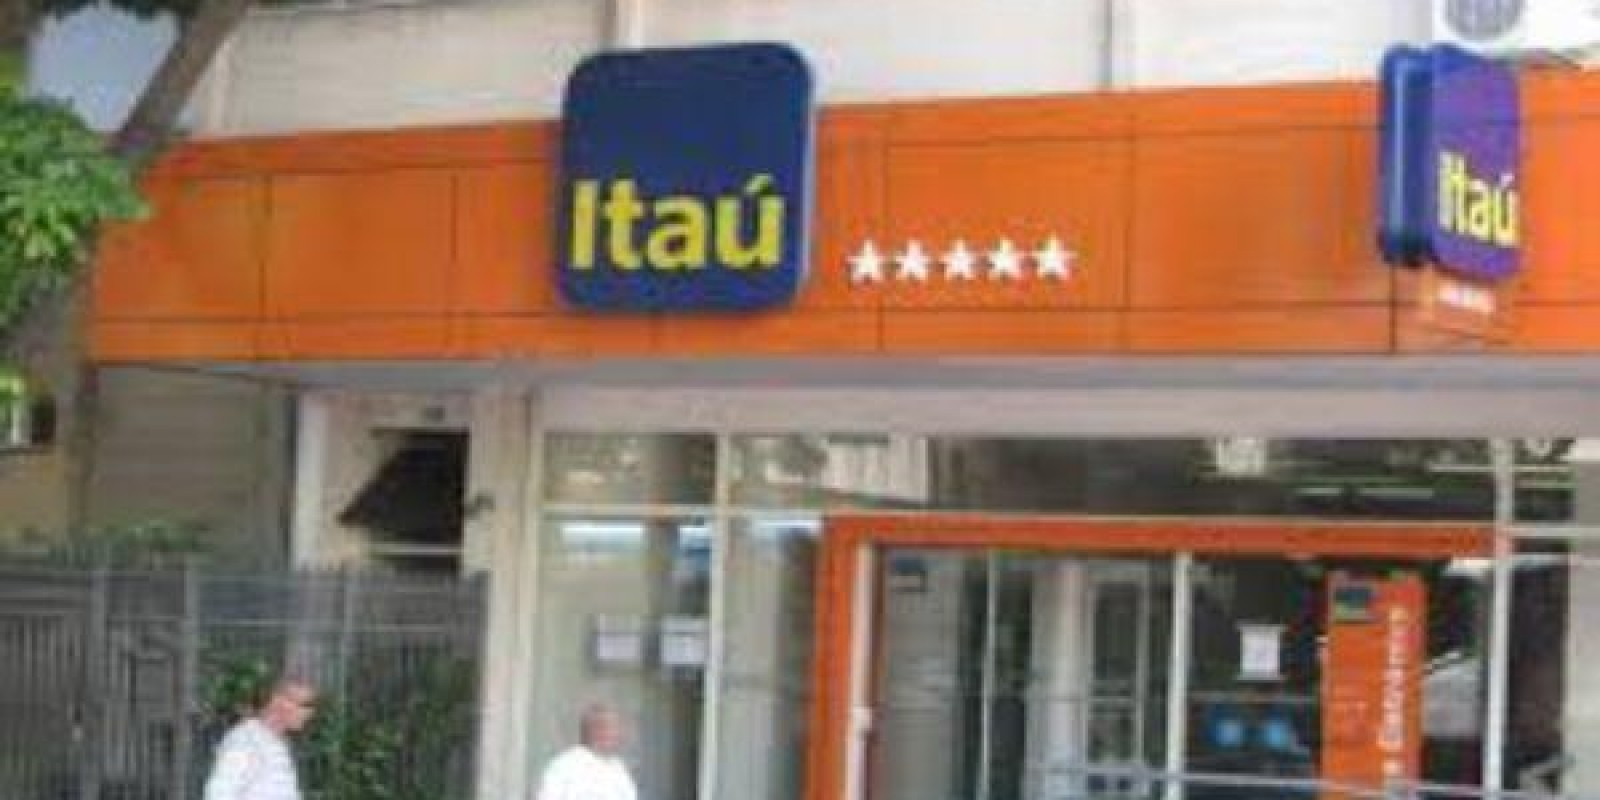 Justiça anula decisão que condenava bancária a pagar R$ 67,5 mil ao Itaú